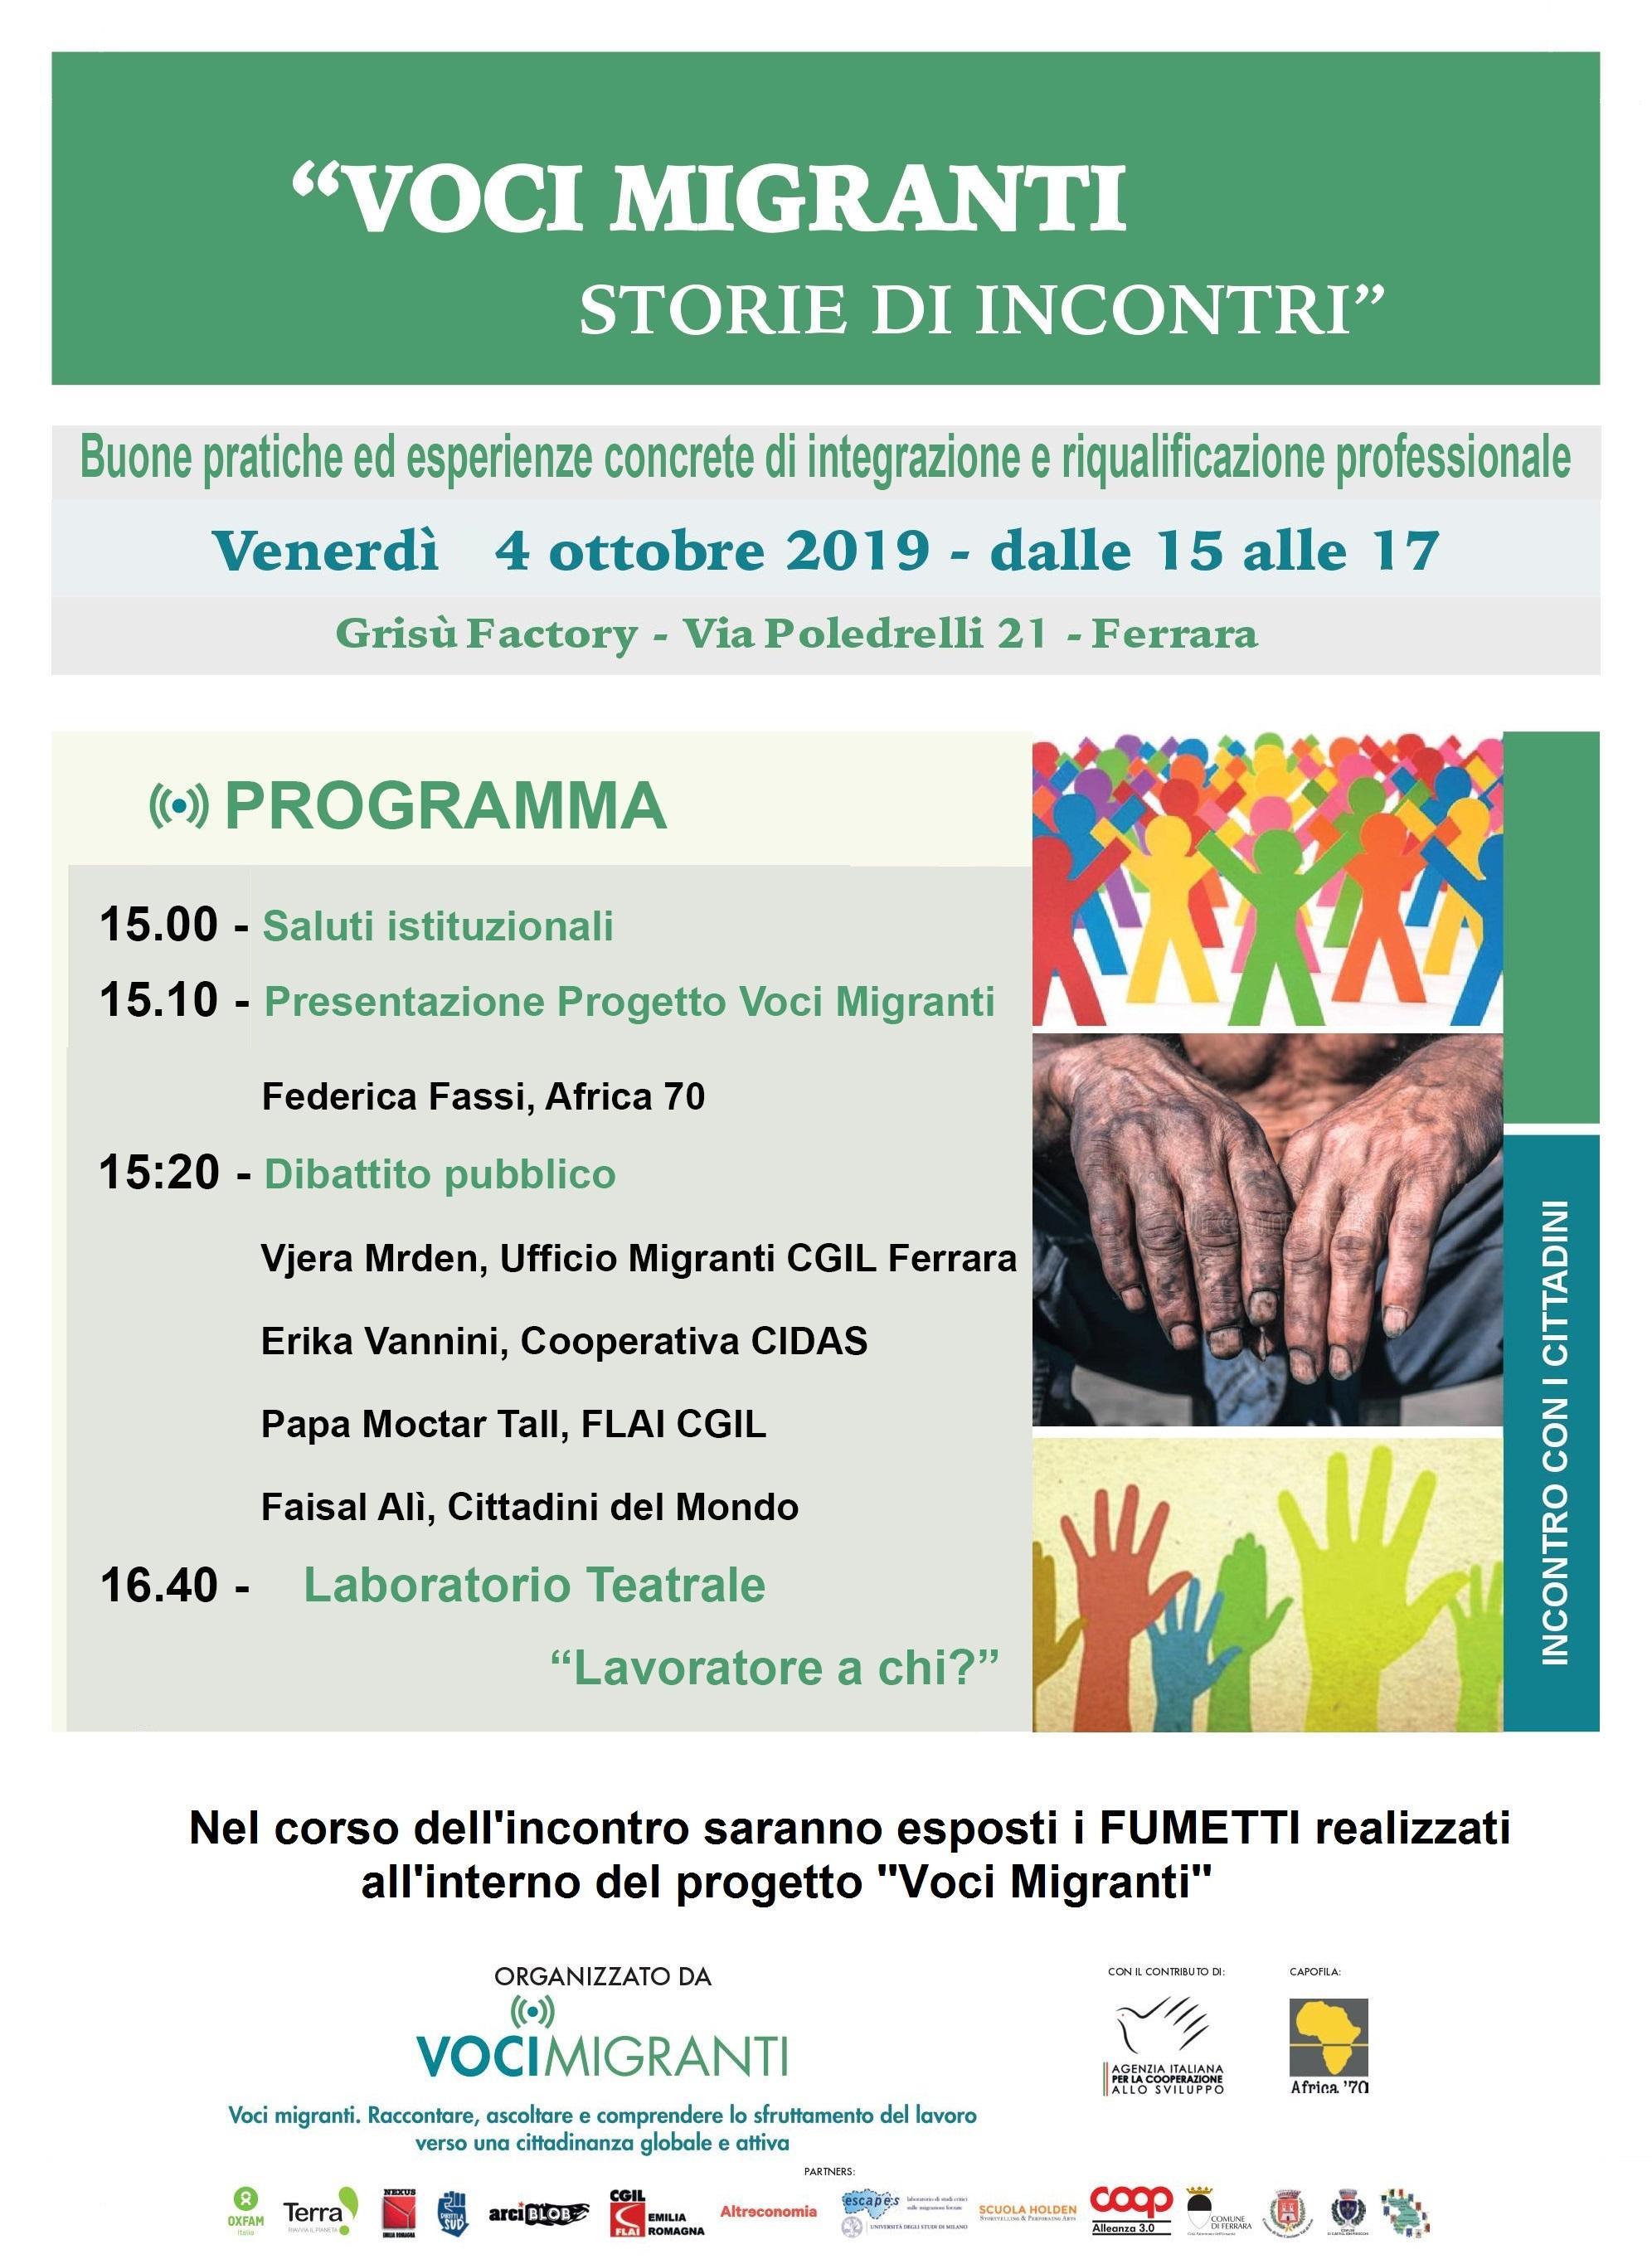 """Voci Migranti """"Storie di incontri"""", 4 ottobre 2019 Ferrara, Grisù Factory ore 15"""